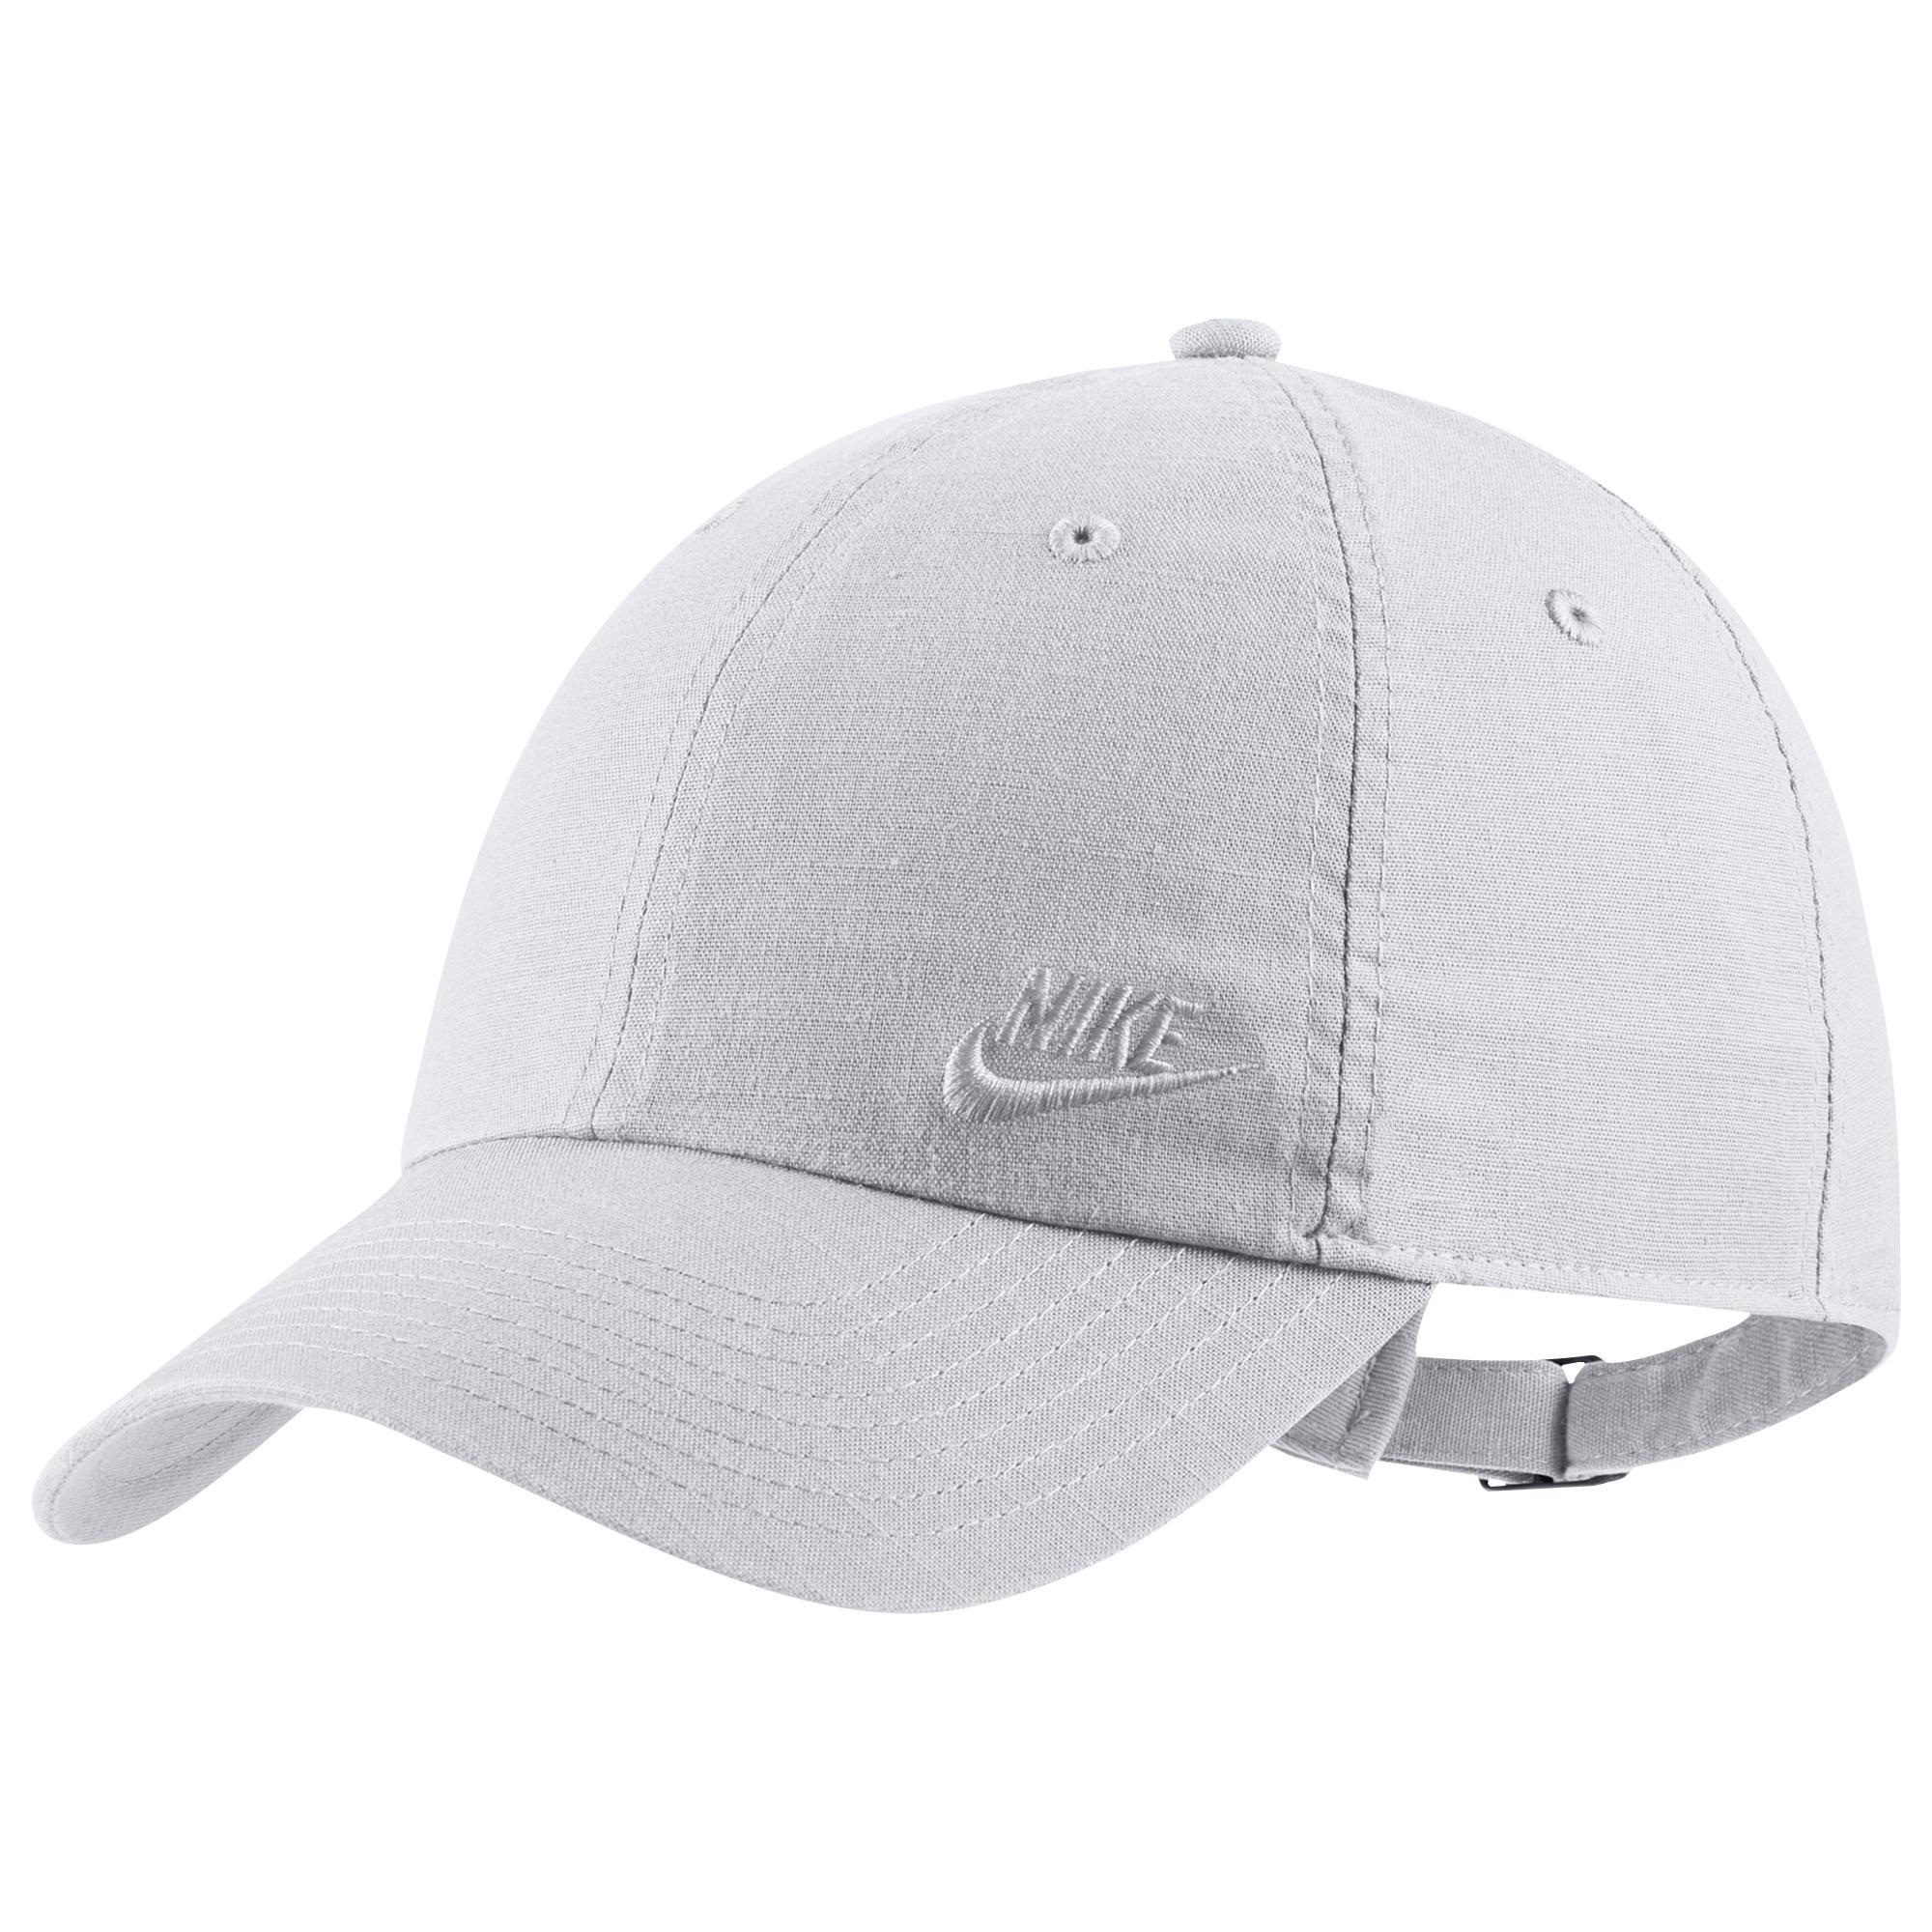 d298603a4ba Lyst - Nike H86 Futura Classic Cap in White